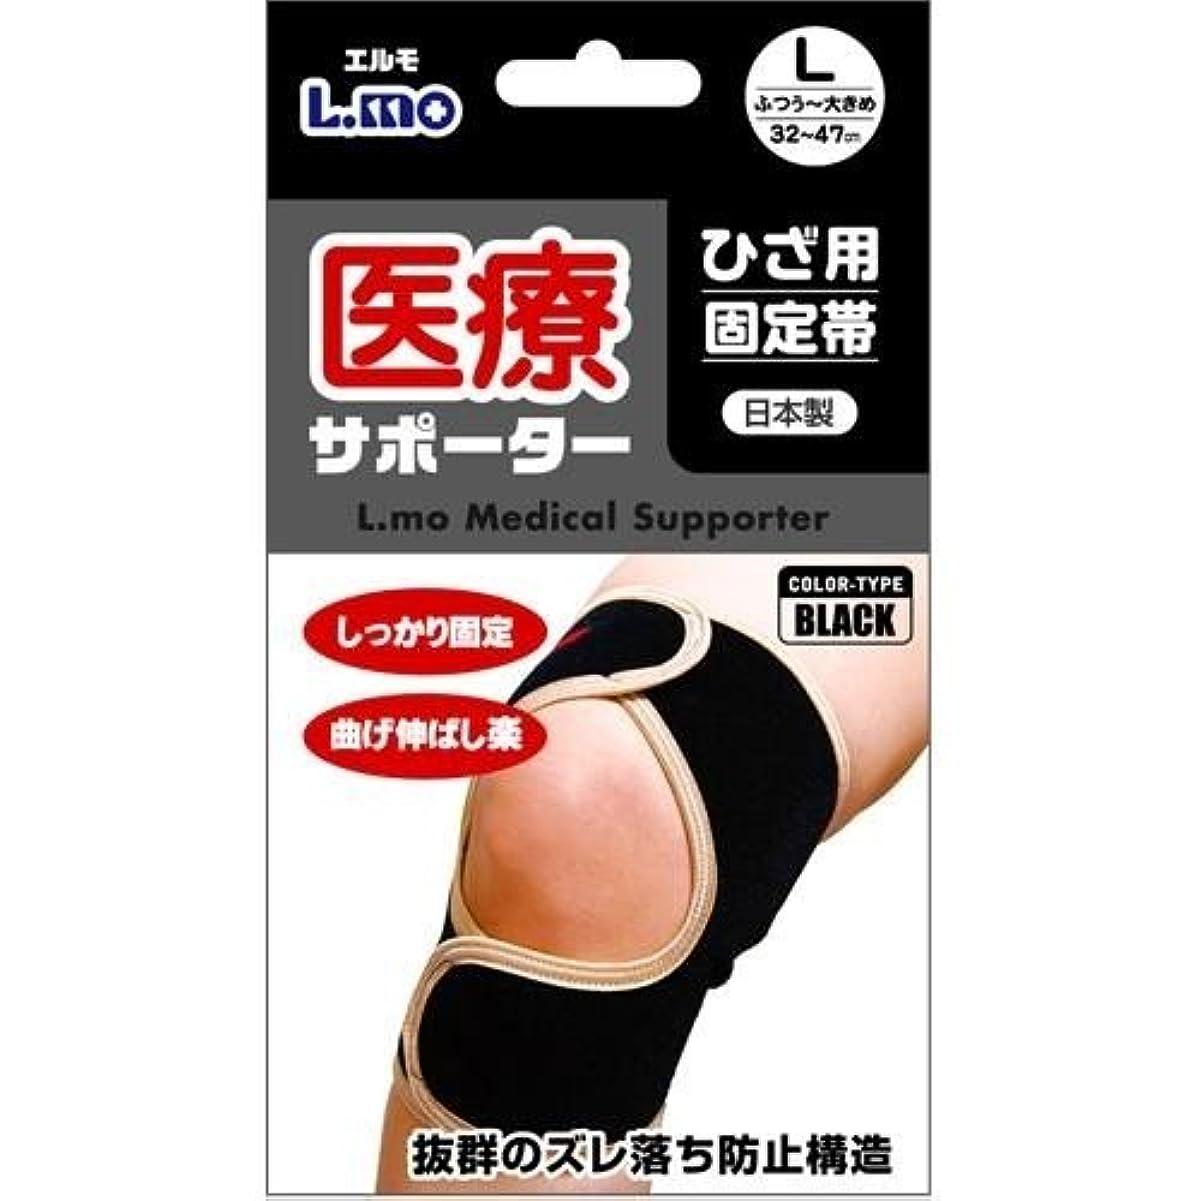 旅行注文省略するエルモ医療サポーター ひざ用固定帯 ブラック ■2種類の内「Lサイズ・786493」を1点のみです